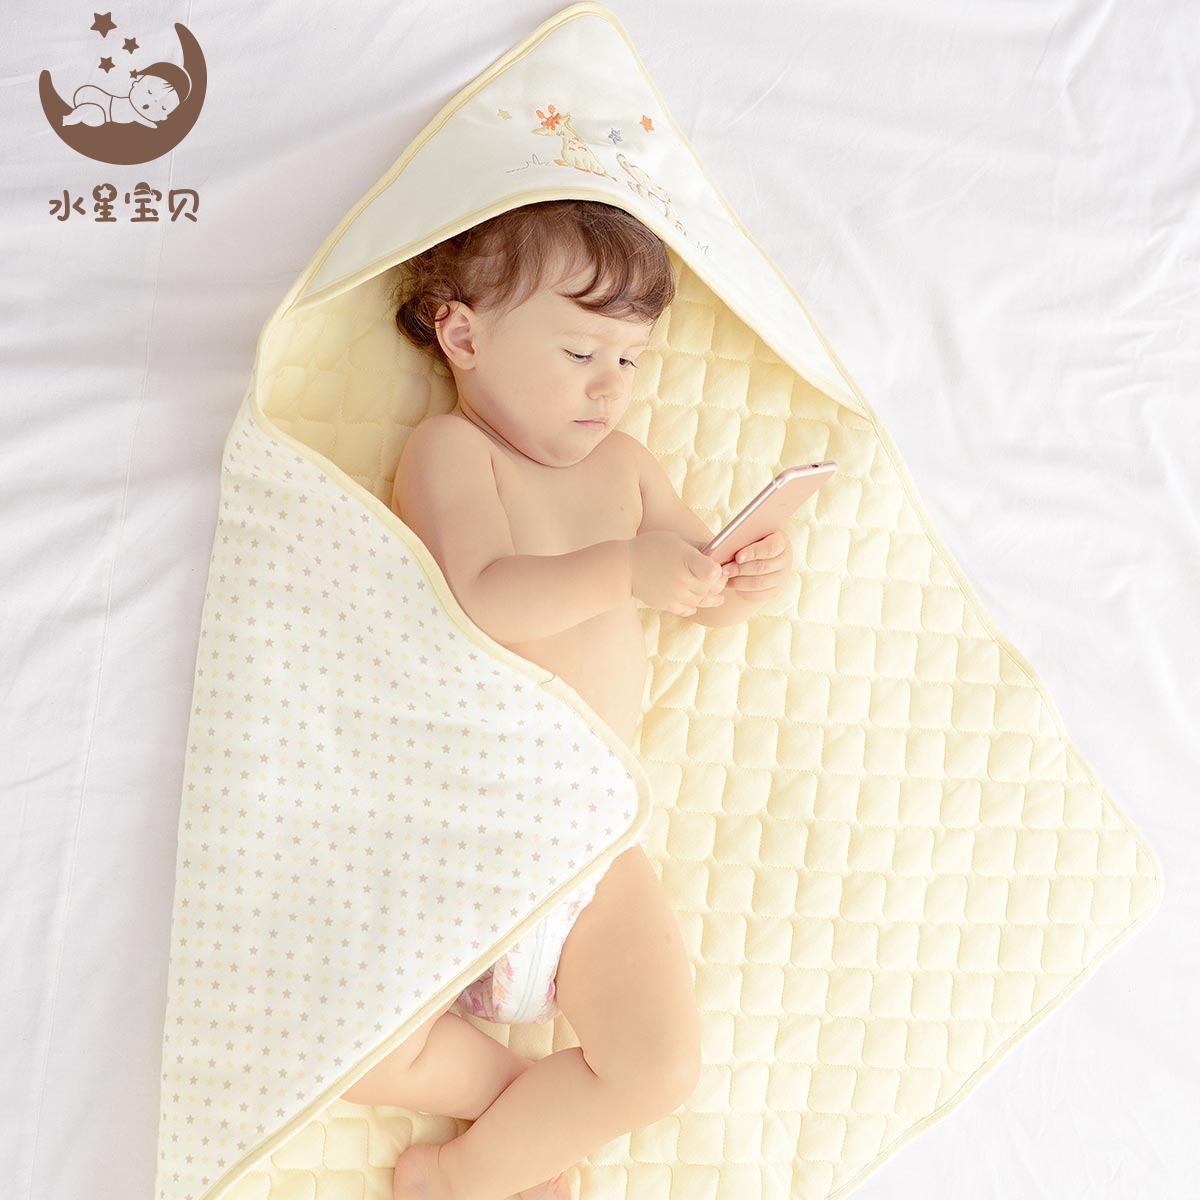 Вода звезда ребенок в небе звезда покрытый новорожденных осень и зима держаться ребенок утолщенный чистый хлопок ребенок